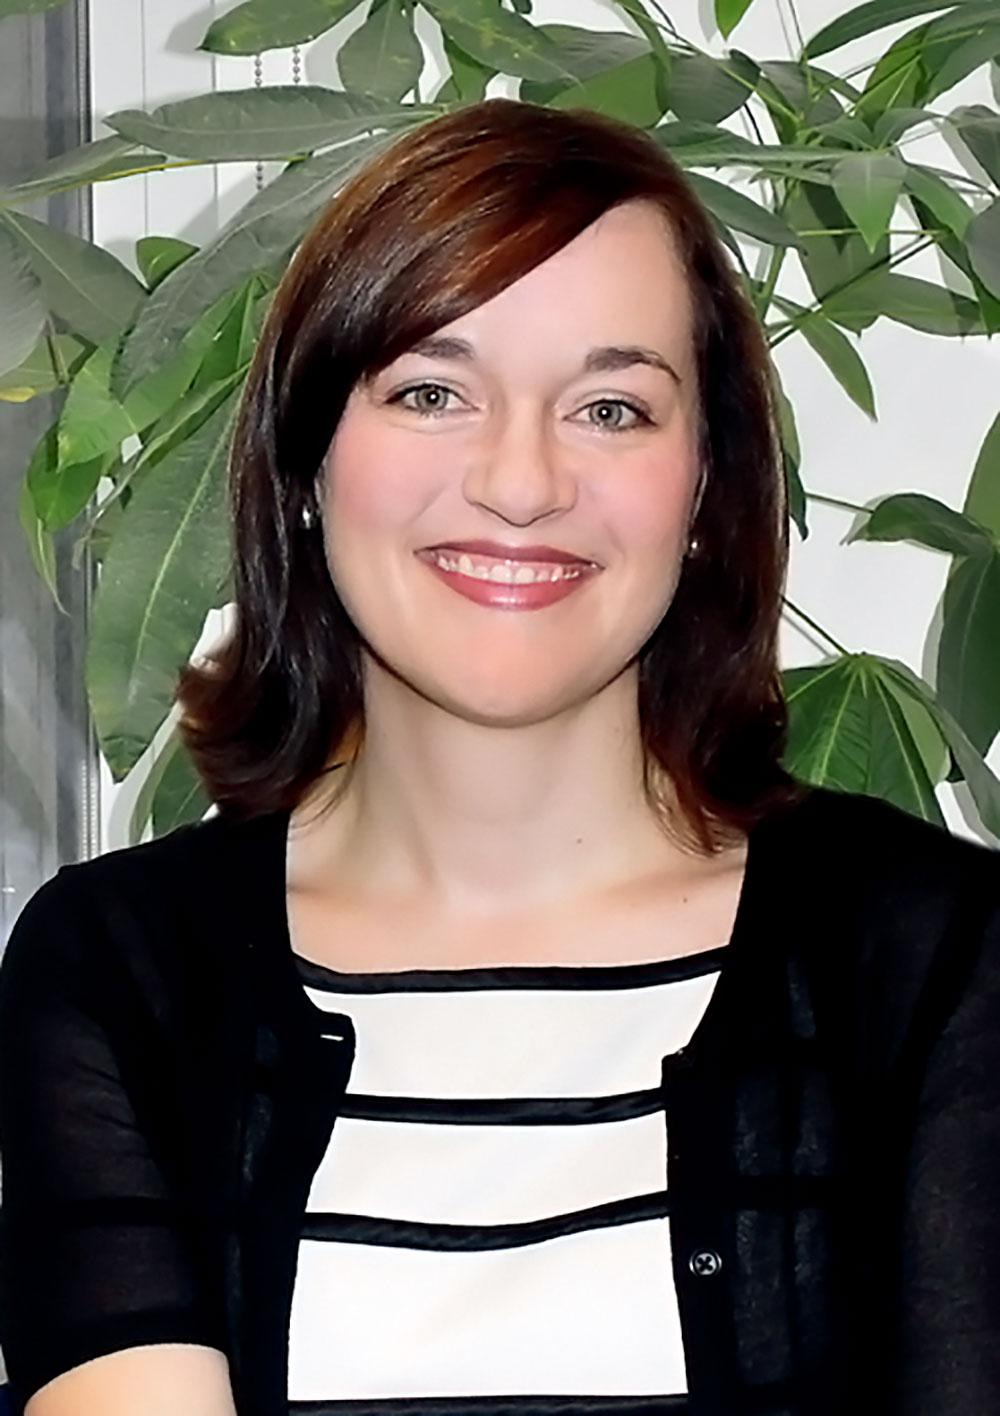 Elizabeth Hardage